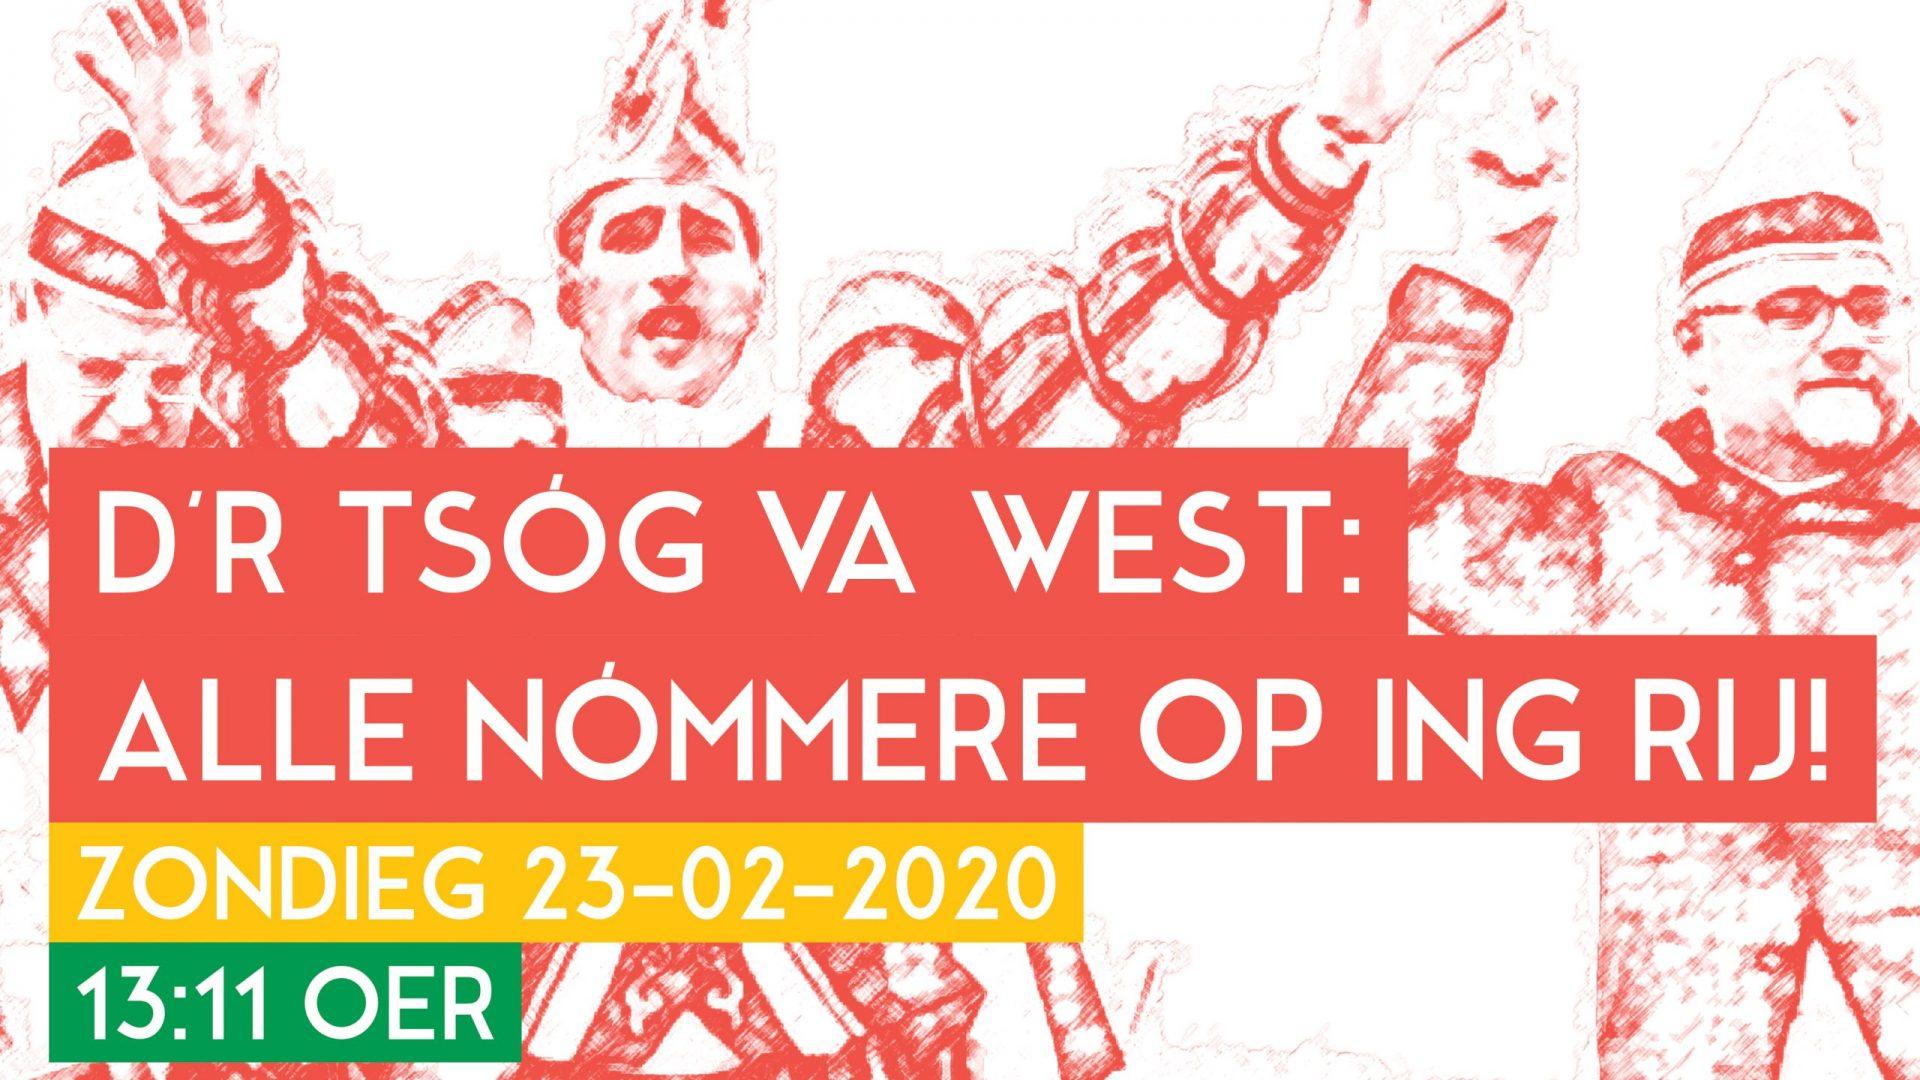 vvkw-2019-2020-tsog-nommere-fb-square-digital